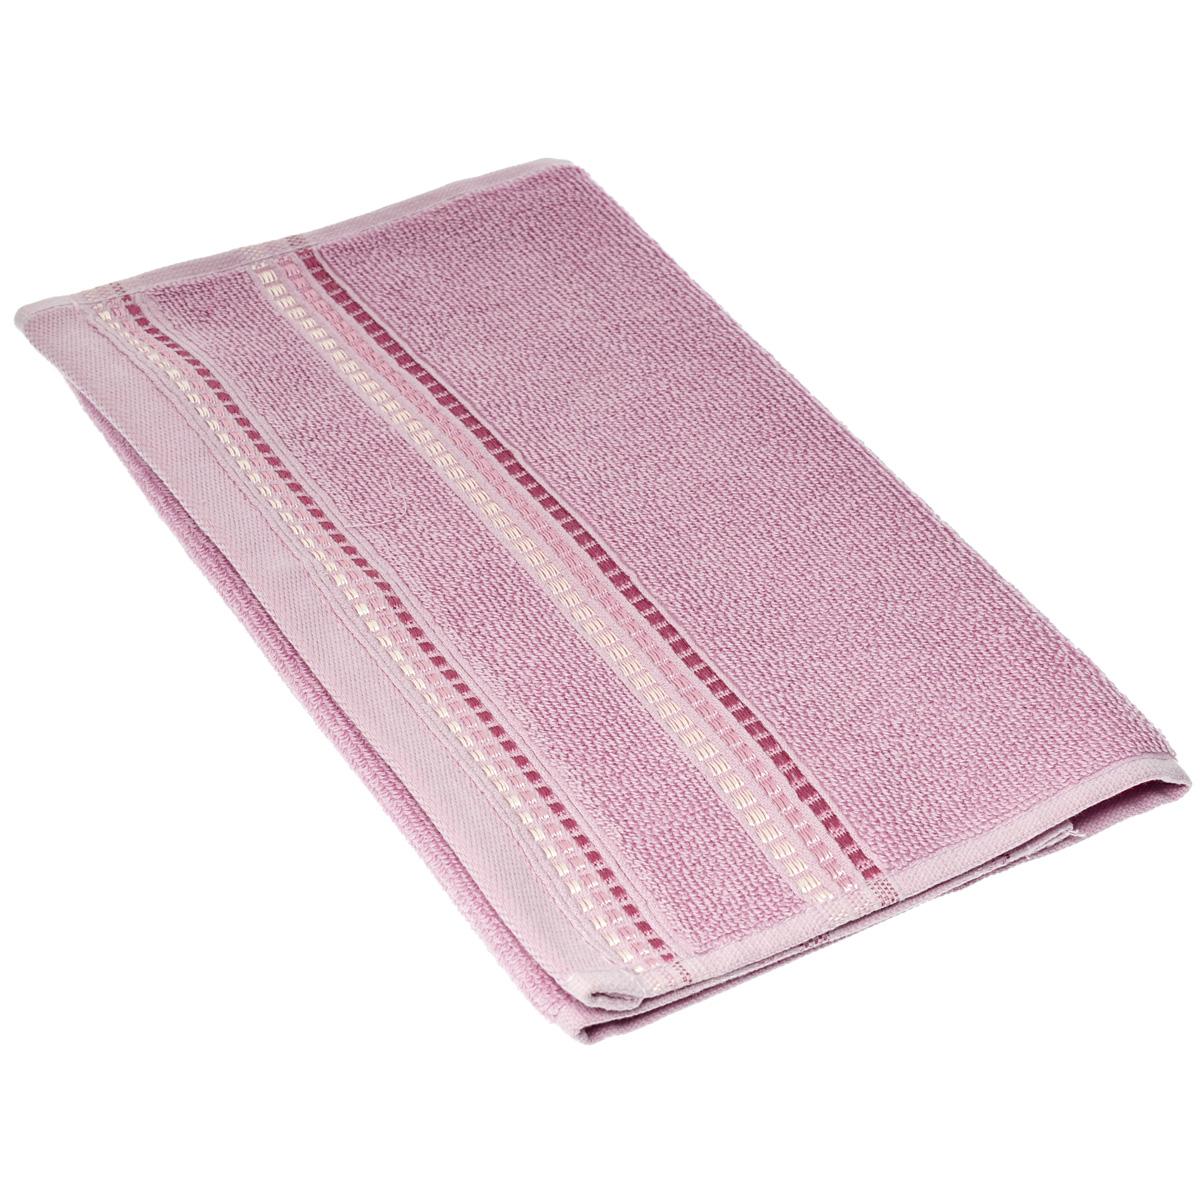 Полотенце махровое Coronet Пиано, цвет: сиреневый, 30 см х 50 смS03301004Махровое полотенце Coronet Пиано, изготовленное из натурального хлопка, подарит массу положительных эмоций и приятных ощущений. Полотенце отличается нежностью и мягкостью материала, утонченным дизайном и превосходным качеством. Оно прекрасно впитывает влагу, быстро сохнет и не теряет своих свойств после многократных стирок. Махровое полотенце Coronet Пиано станет достойным выбором для вас и приятным подарком для ваших близких. Мягкость и высокое качество материала, из которого изготовлены полотенца не оставит вас равнодушными.